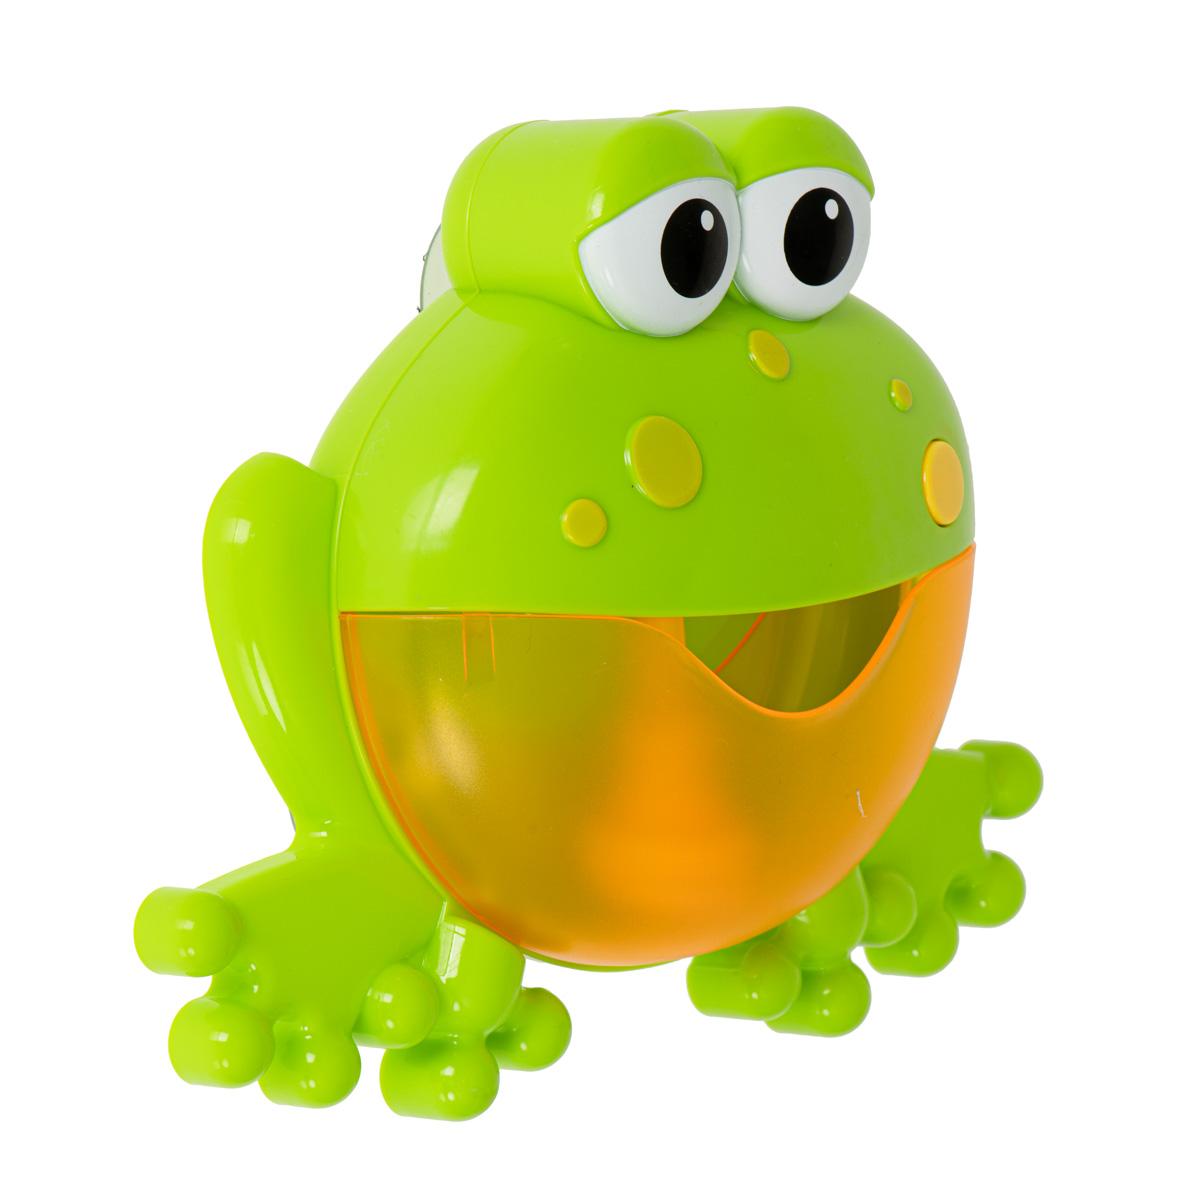 KIK Bublinkovače do vane žaba, KX7219_1